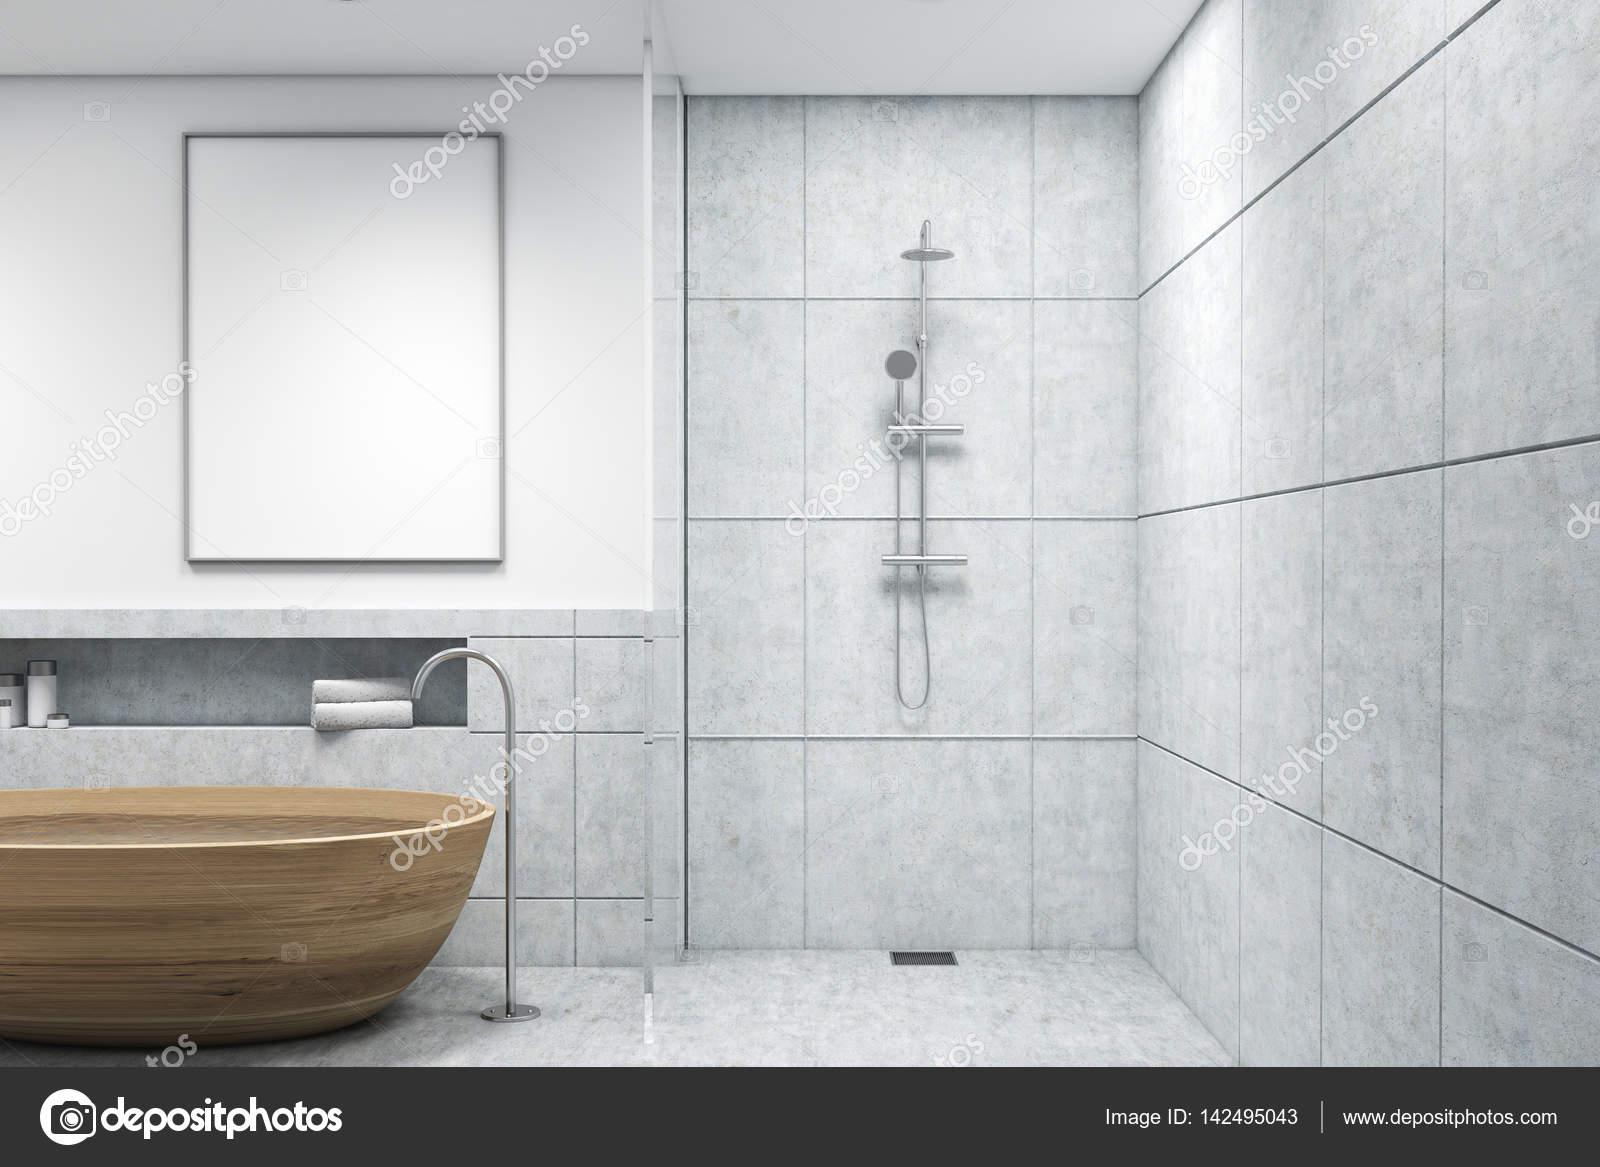 Vasca Da Bagno Verticale : Bagno con vasca in legno poster verticale u foto stock